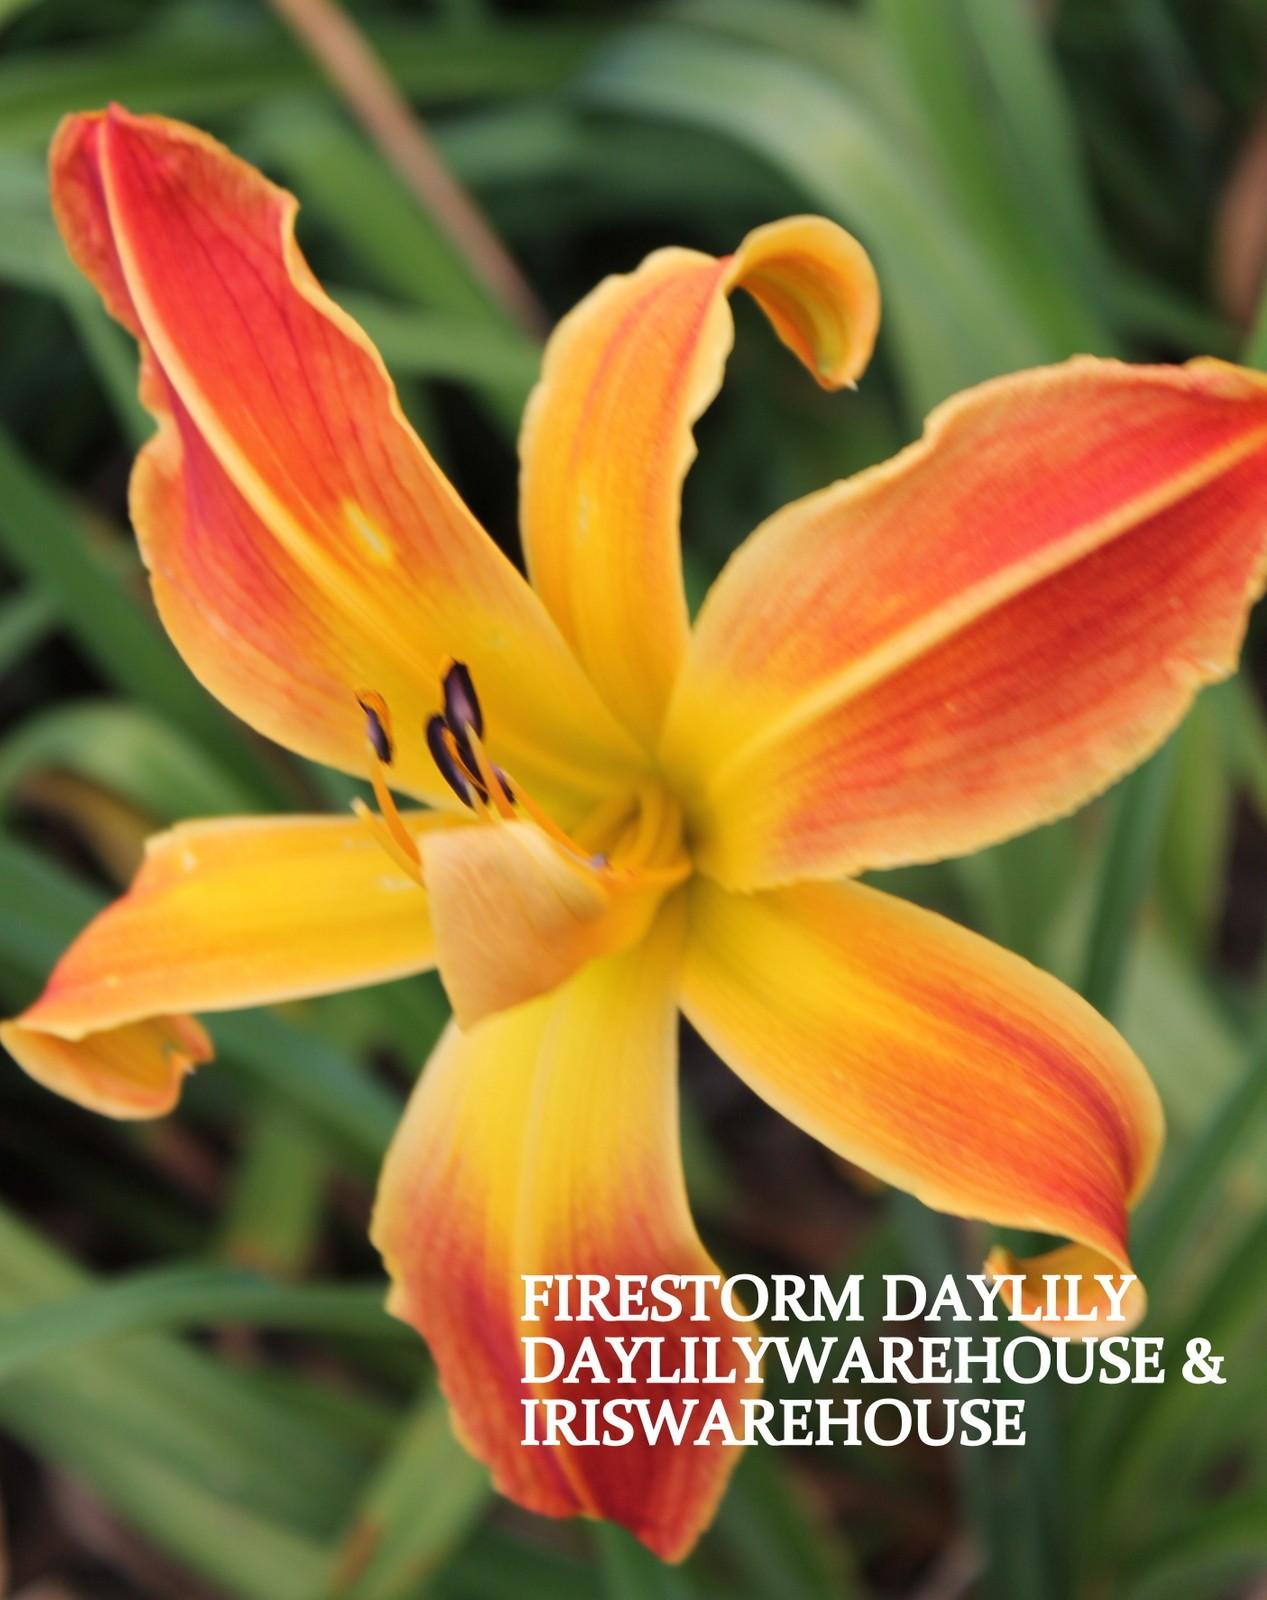 Firestorm Daylily